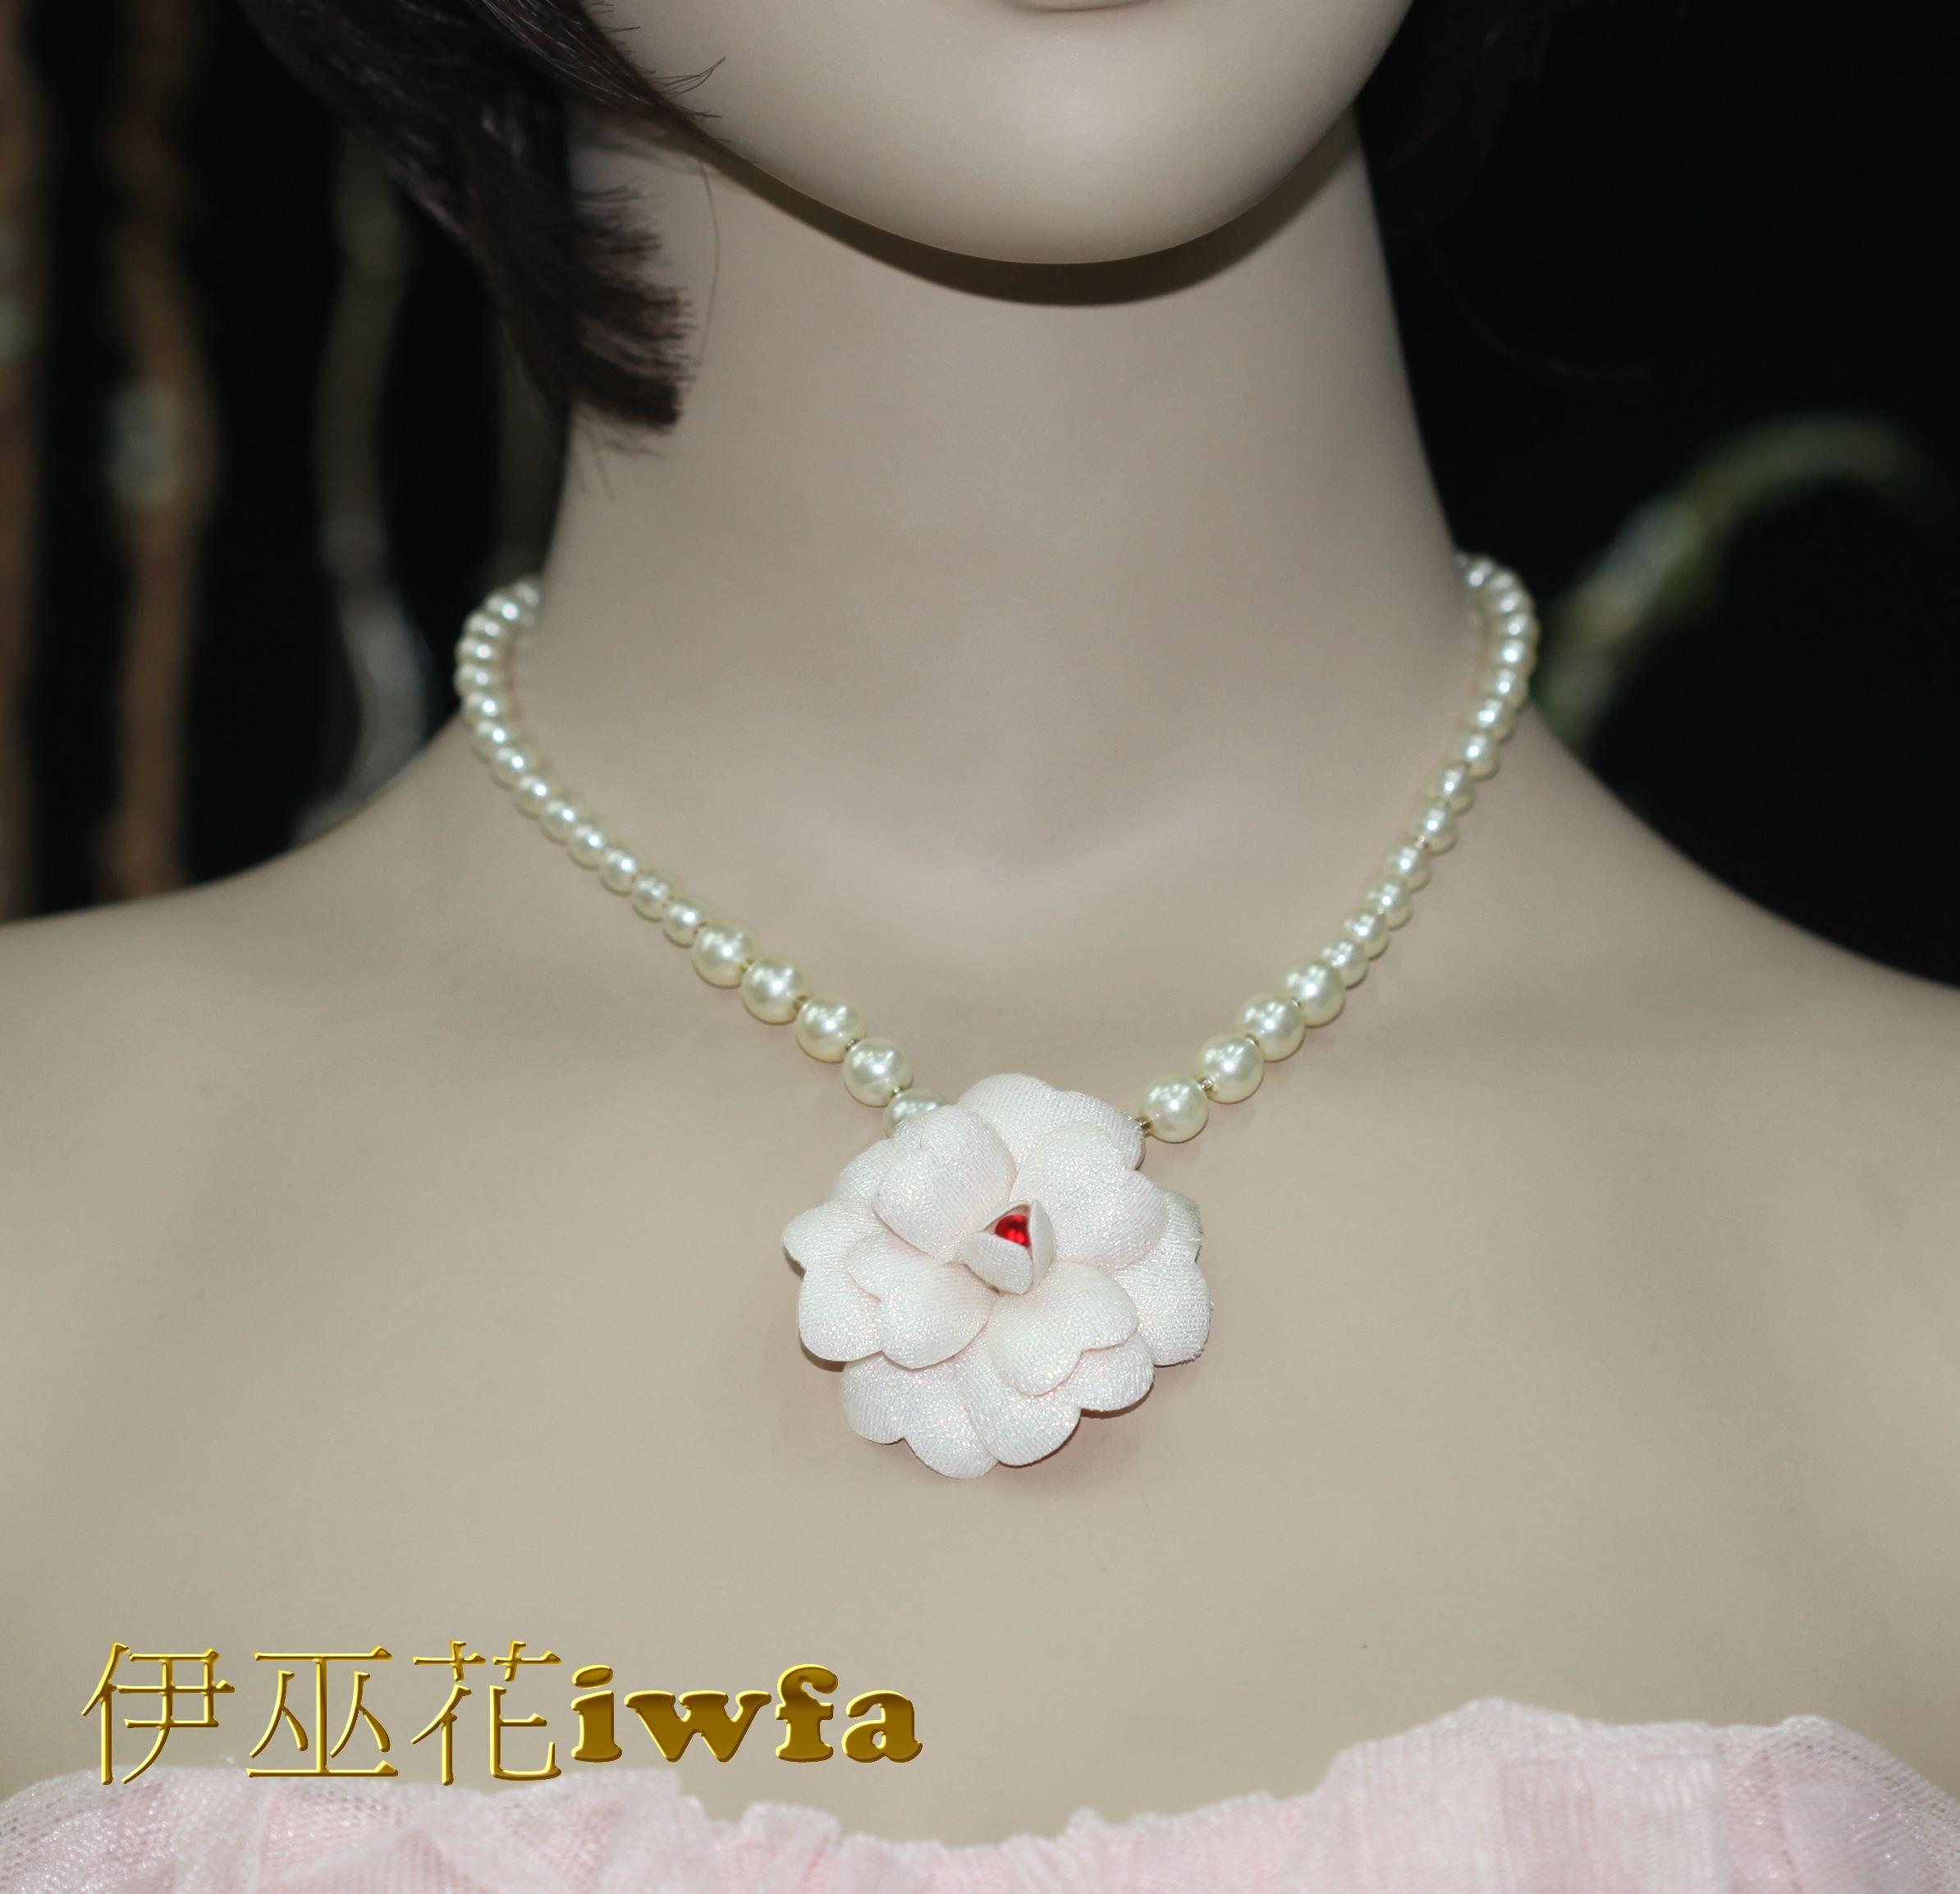 典雅的小茶花-牛奶色